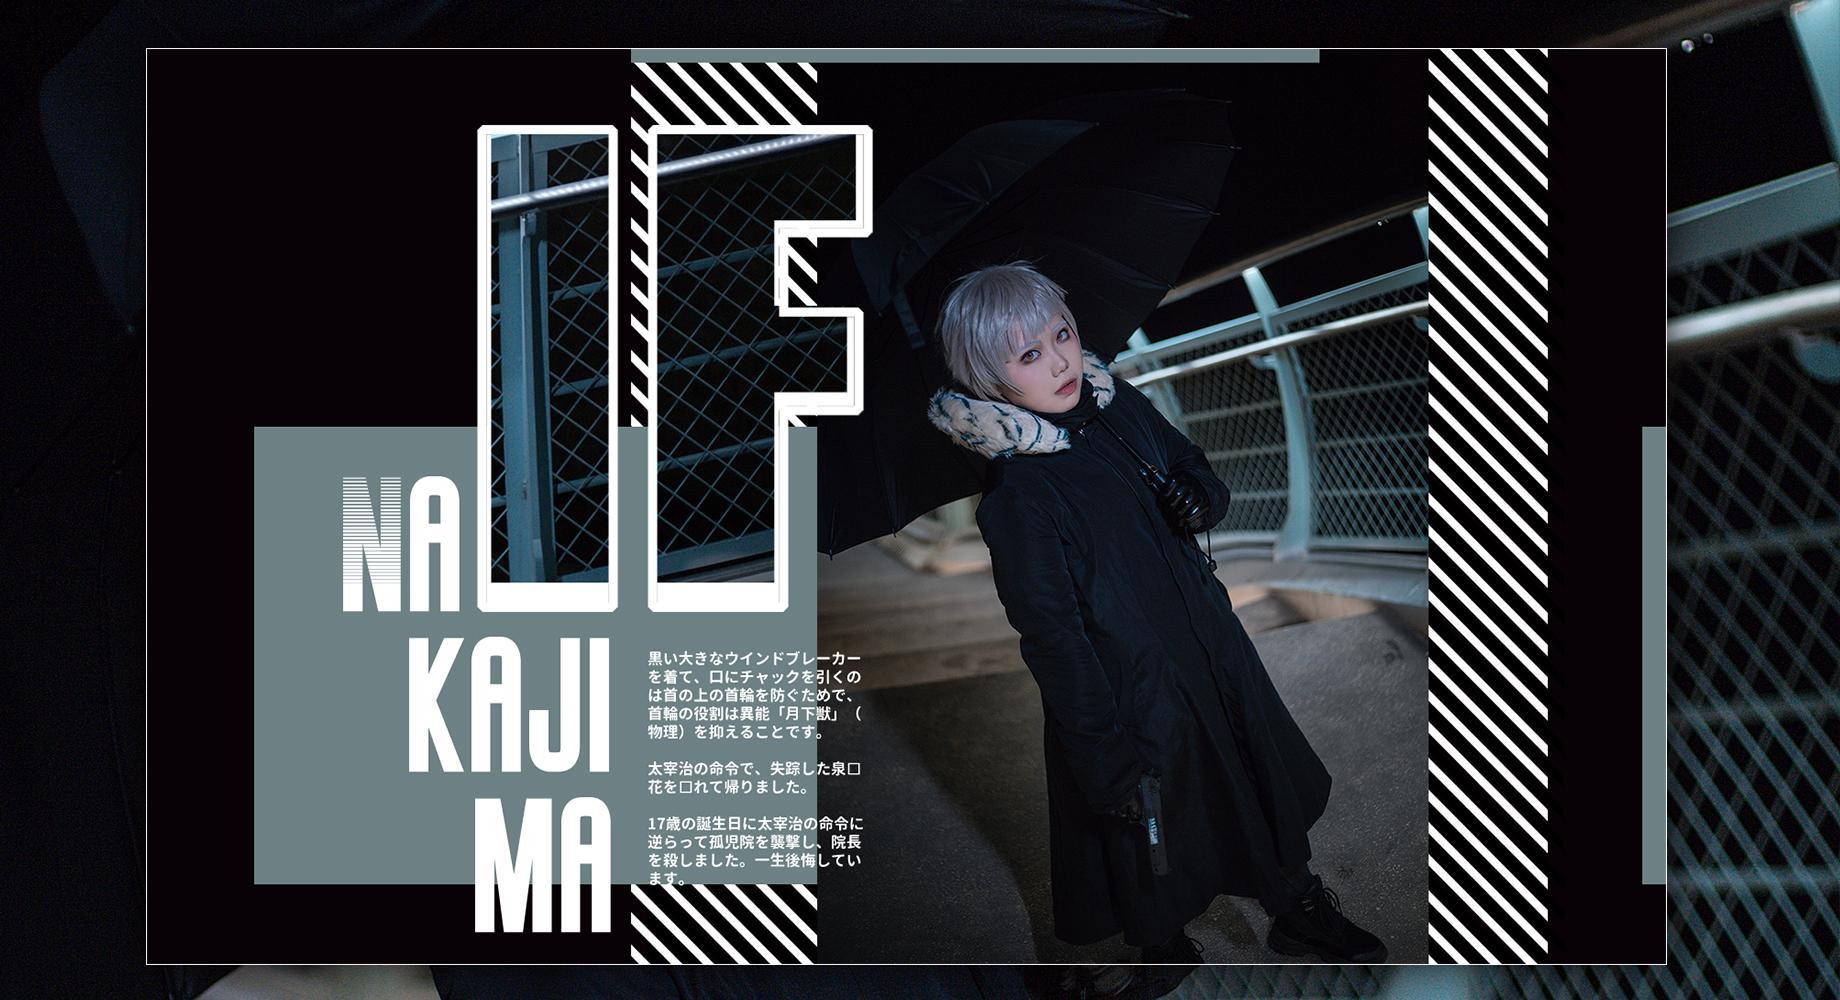 《文豪野犬》文豪野犬中岛敦cosplay【CN:社畜BOT】-第1张